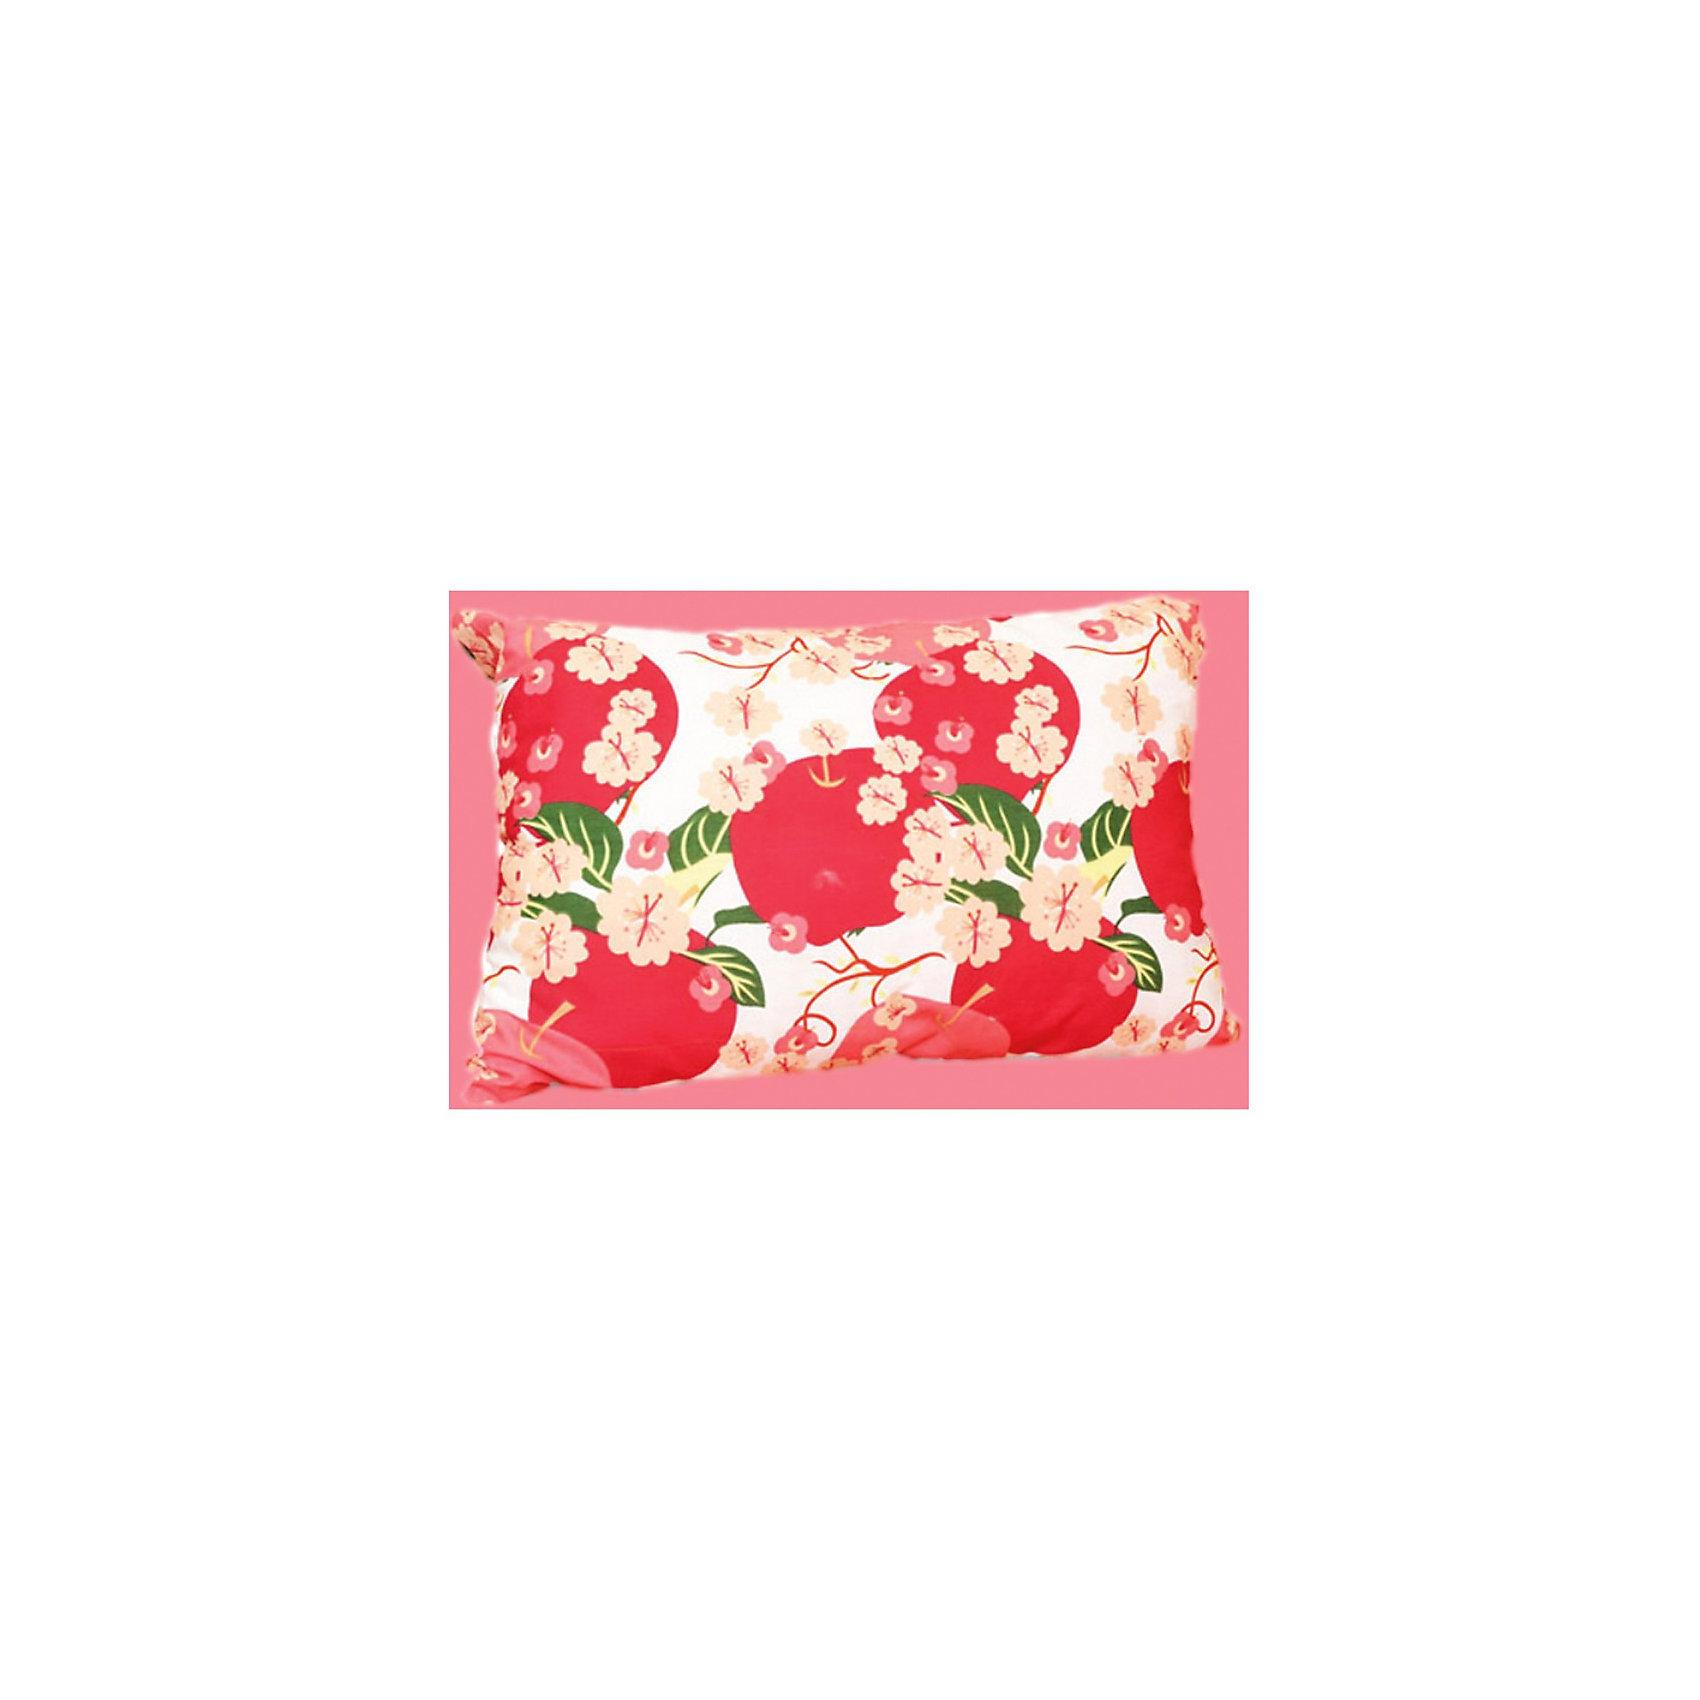 Подушка Белоснежка 50*70, файбер, Disney PrincessПодушку от ТМ Мона Лиза оценят как взрослые, так дети. <br>Подушка порадует хорошим качеством, яркими цветами, мягкостью и легкостью. Подарит самые приятные и волшебные сны !<br><br>Дополнительная информация:<br><br>- Состав верха: хлопок 100%.<br>- Наполнитель: холлофайбер.<br>- Размер: 50х70 см <br><br>Подушку ТМ Мона-Лиза можно приобрести в нашем интернет-магазине<br><br>Ширина мм: 500<br>Глубина мм: 700<br>Высота мм: 30<br>Вес г: 500<br>Возраст от месяцев: 36<br>Возраст до месяцев: 144<br>Пол: Женский<br>Возраст: Детский<br>SKU: 3236540